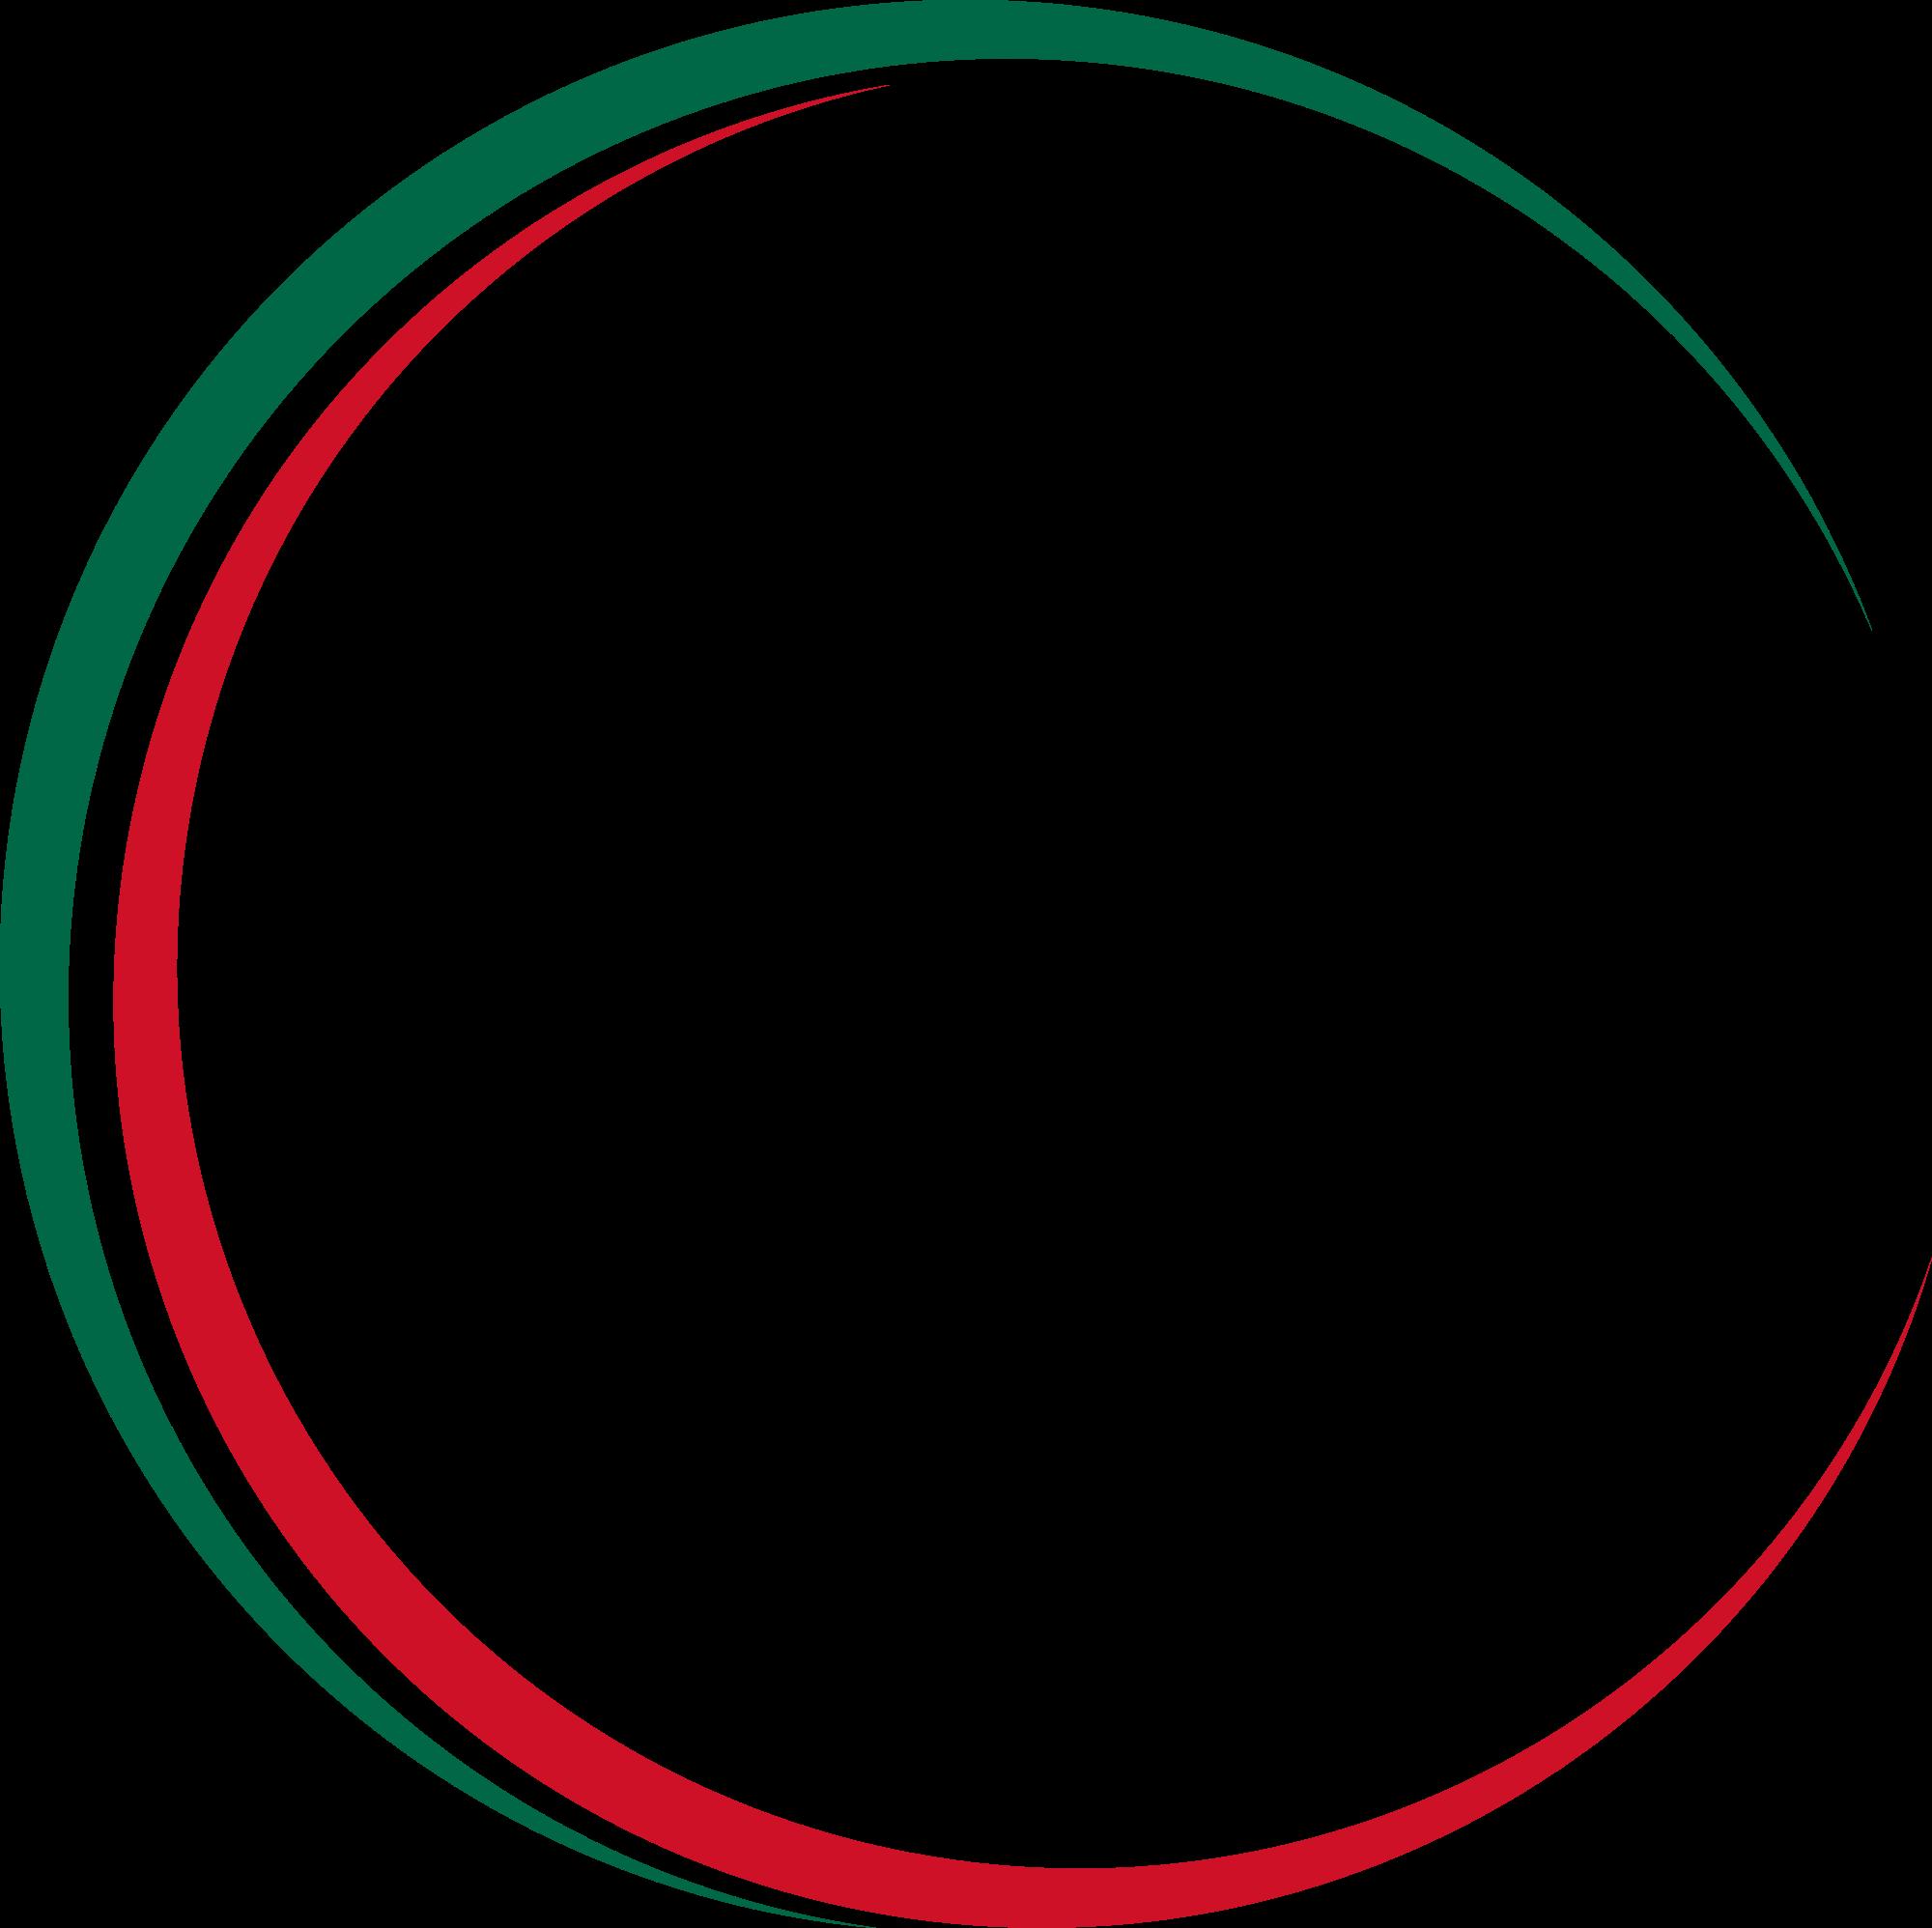 Logo de mexico png 6 » PNG Image.